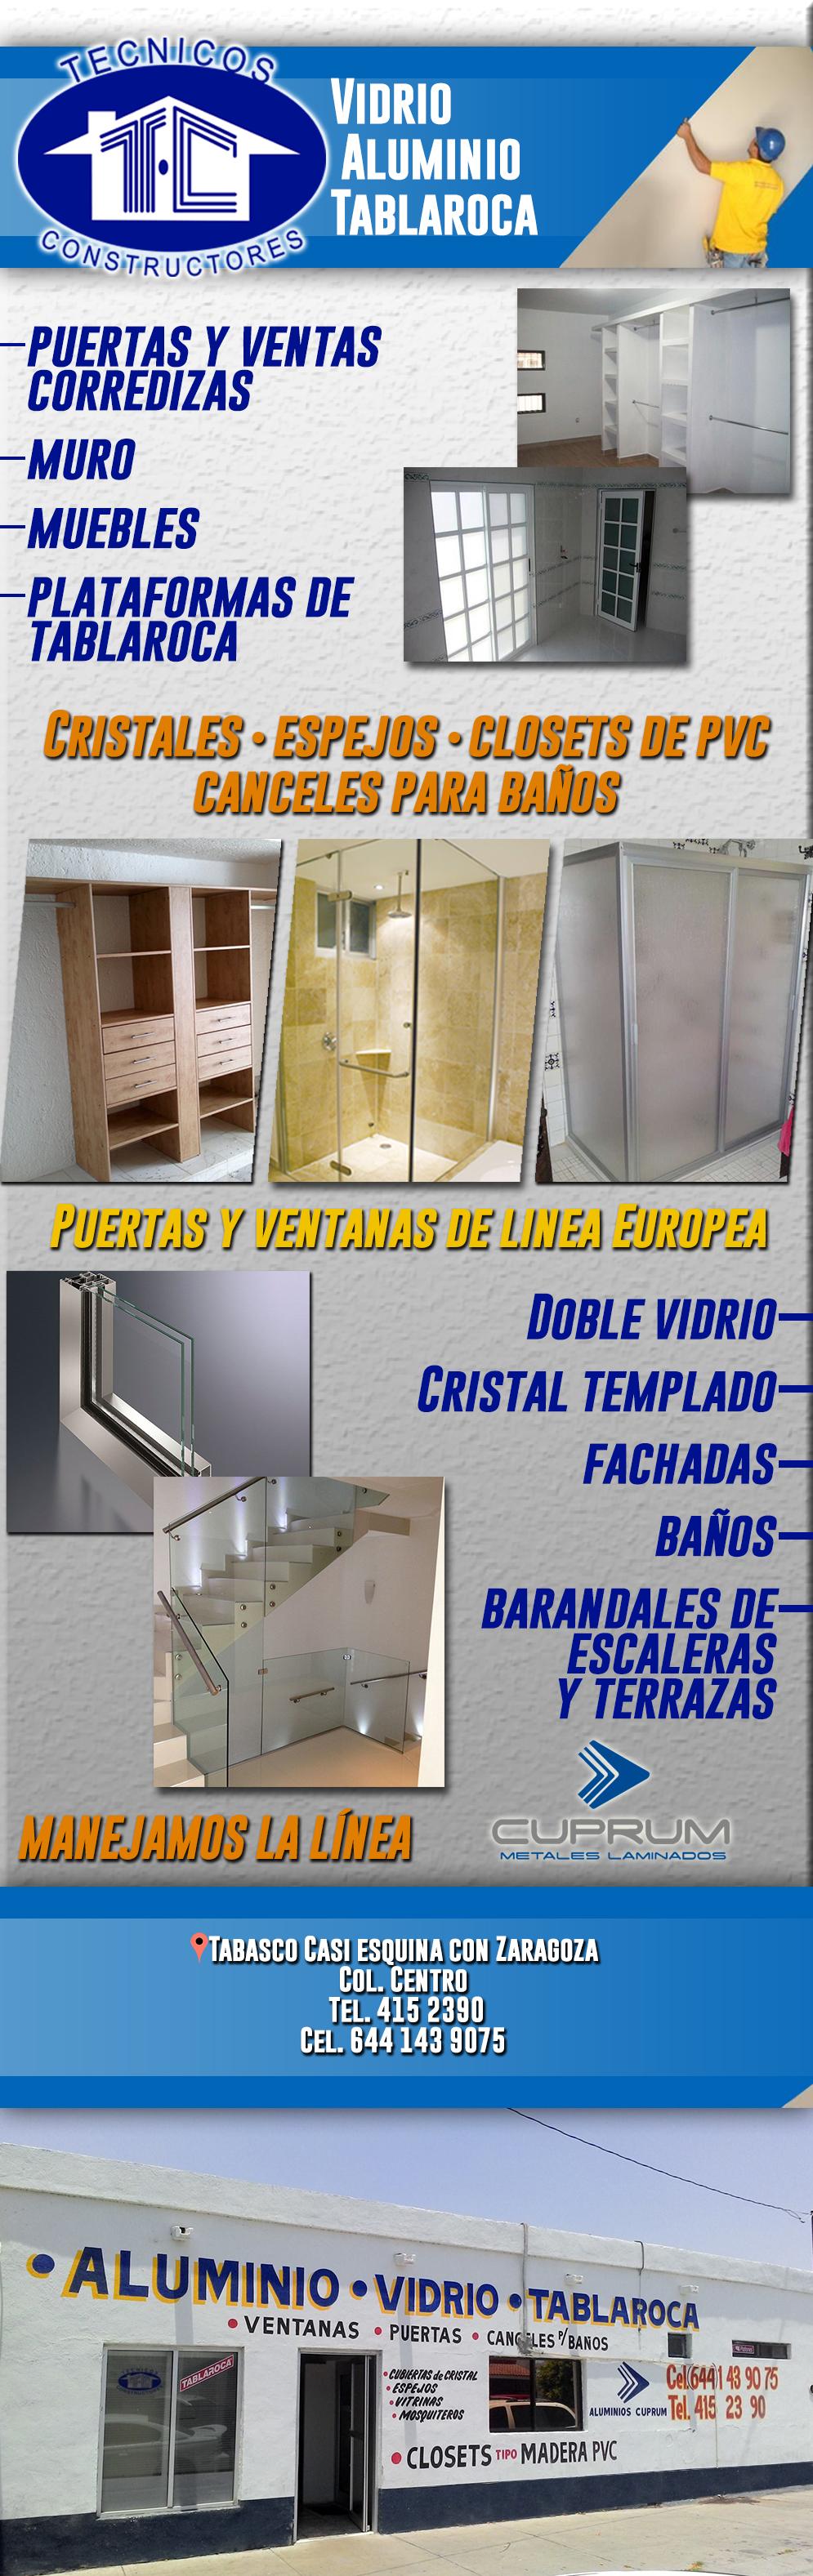 Tecnicos Constructores en Ciudad Obregón anunciado por ZonaComercial ...